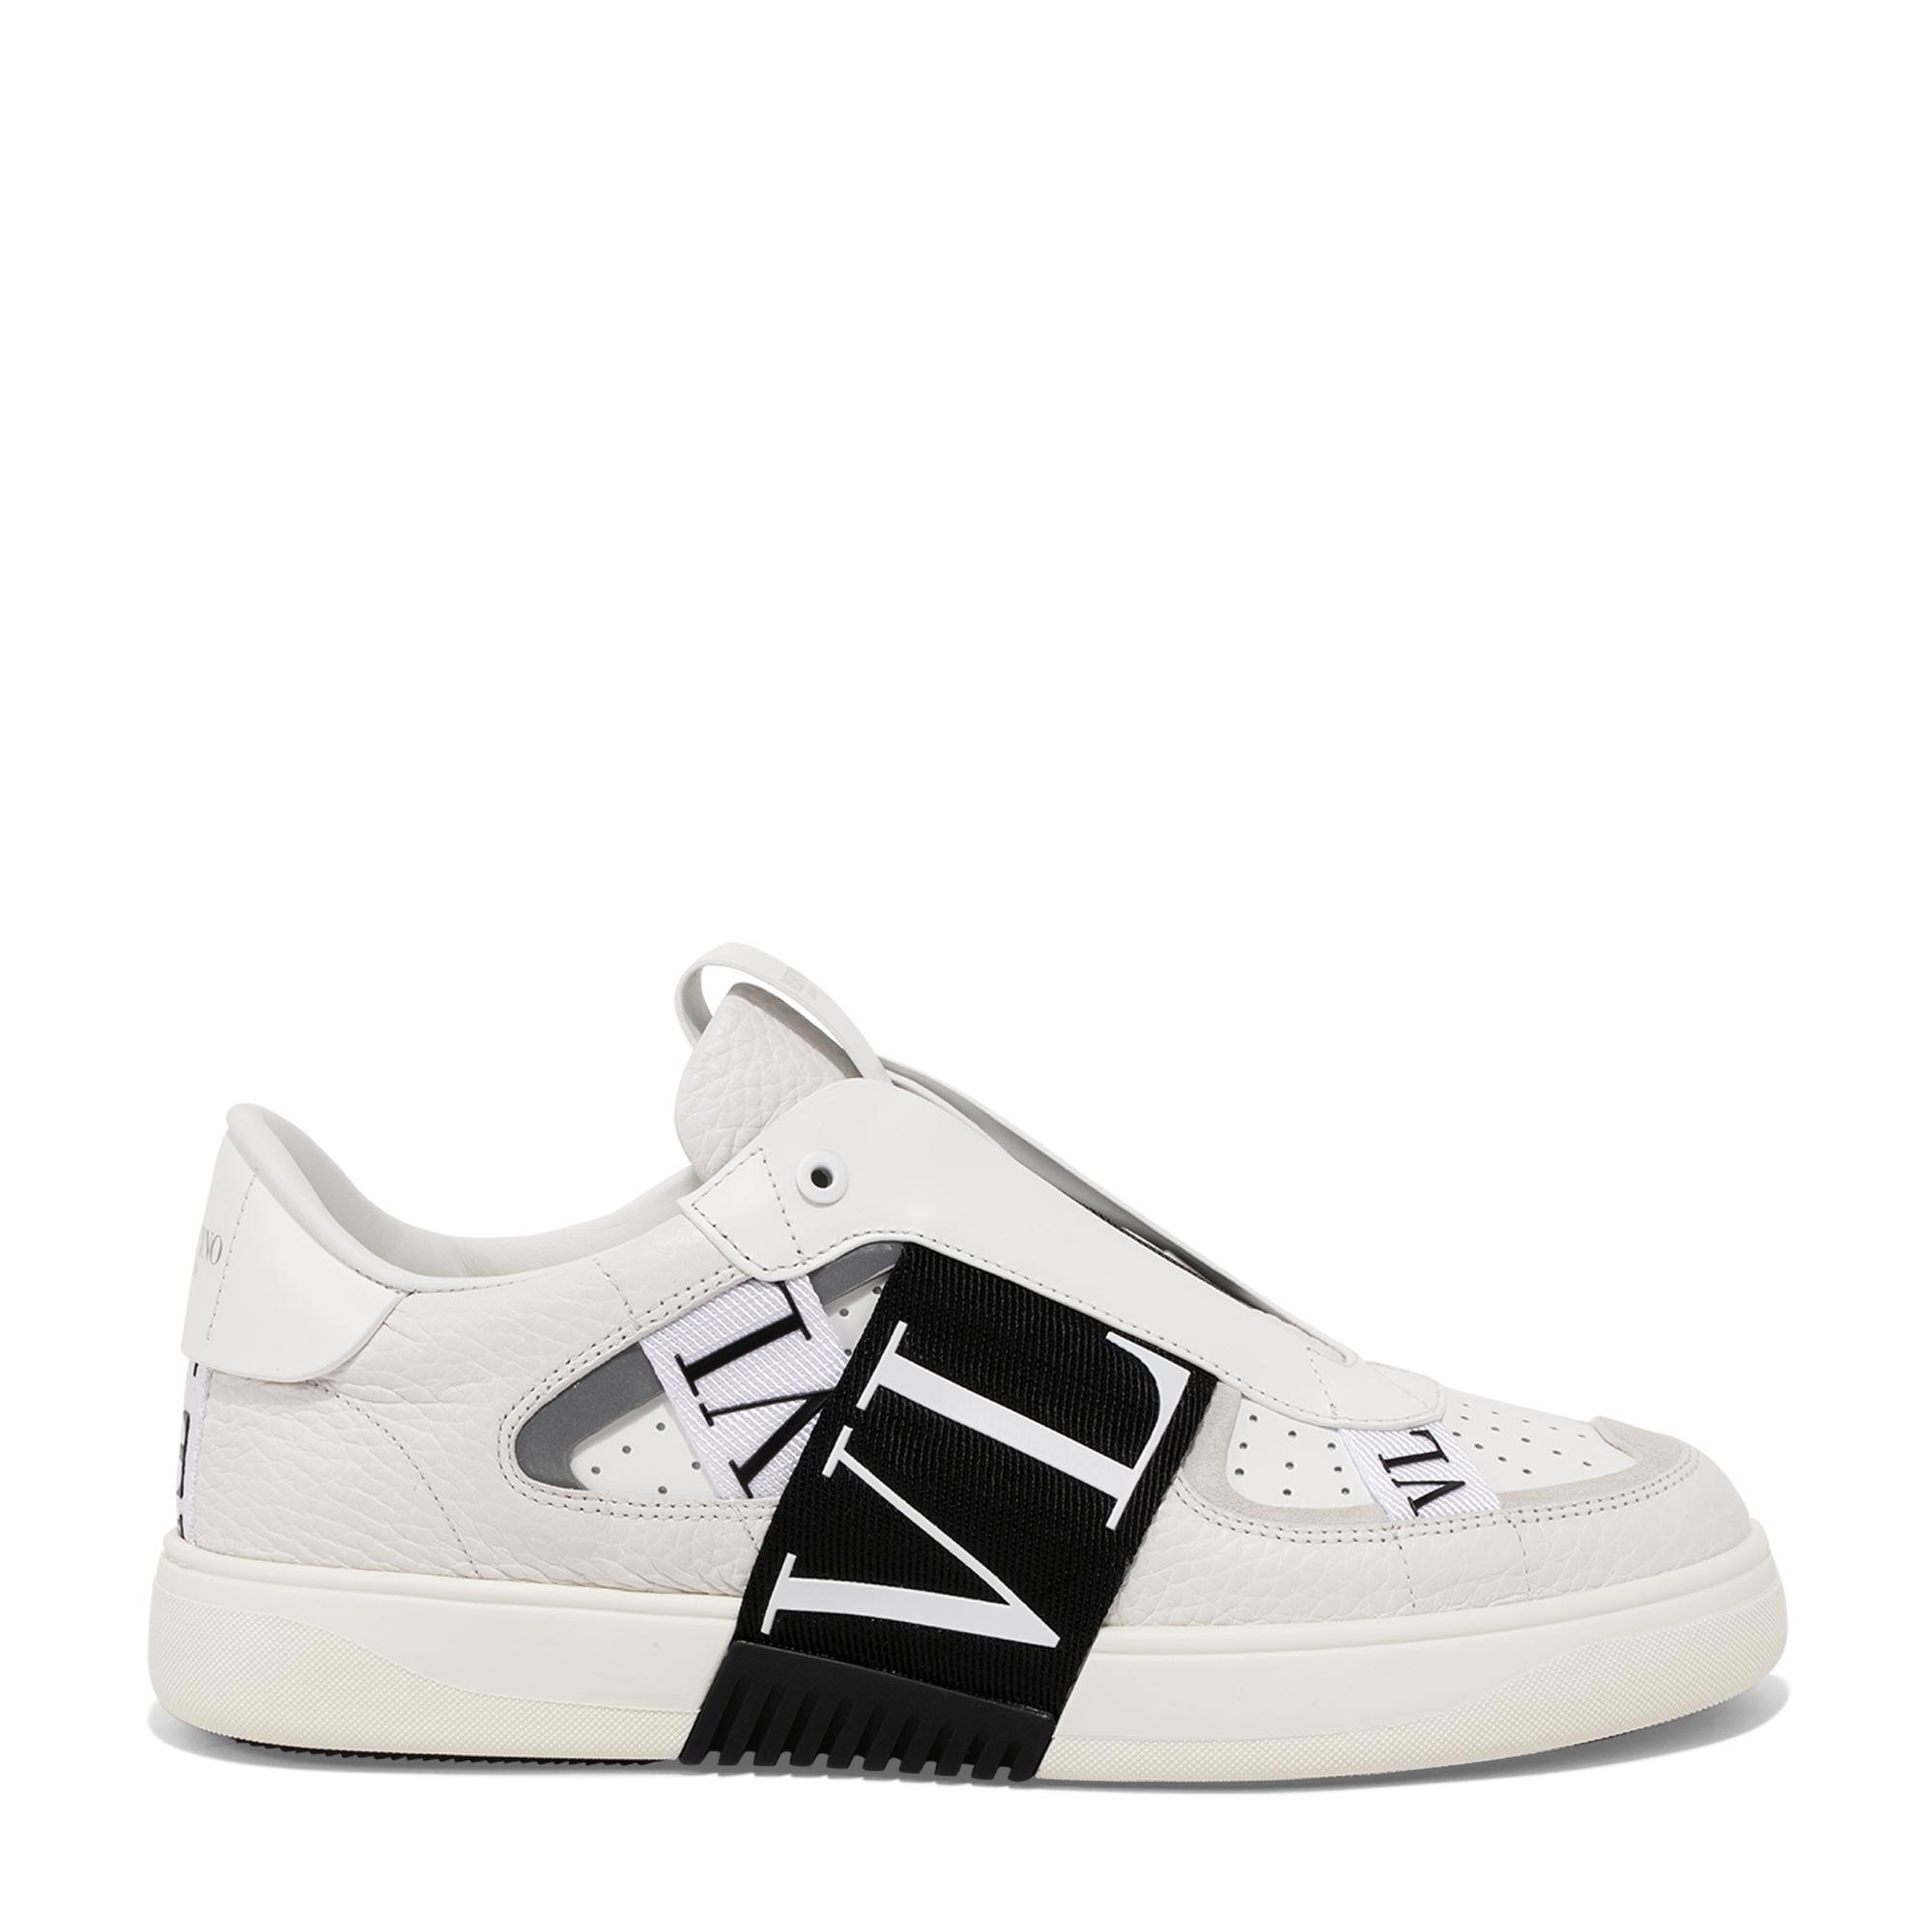 VL7N slip-on sneakers